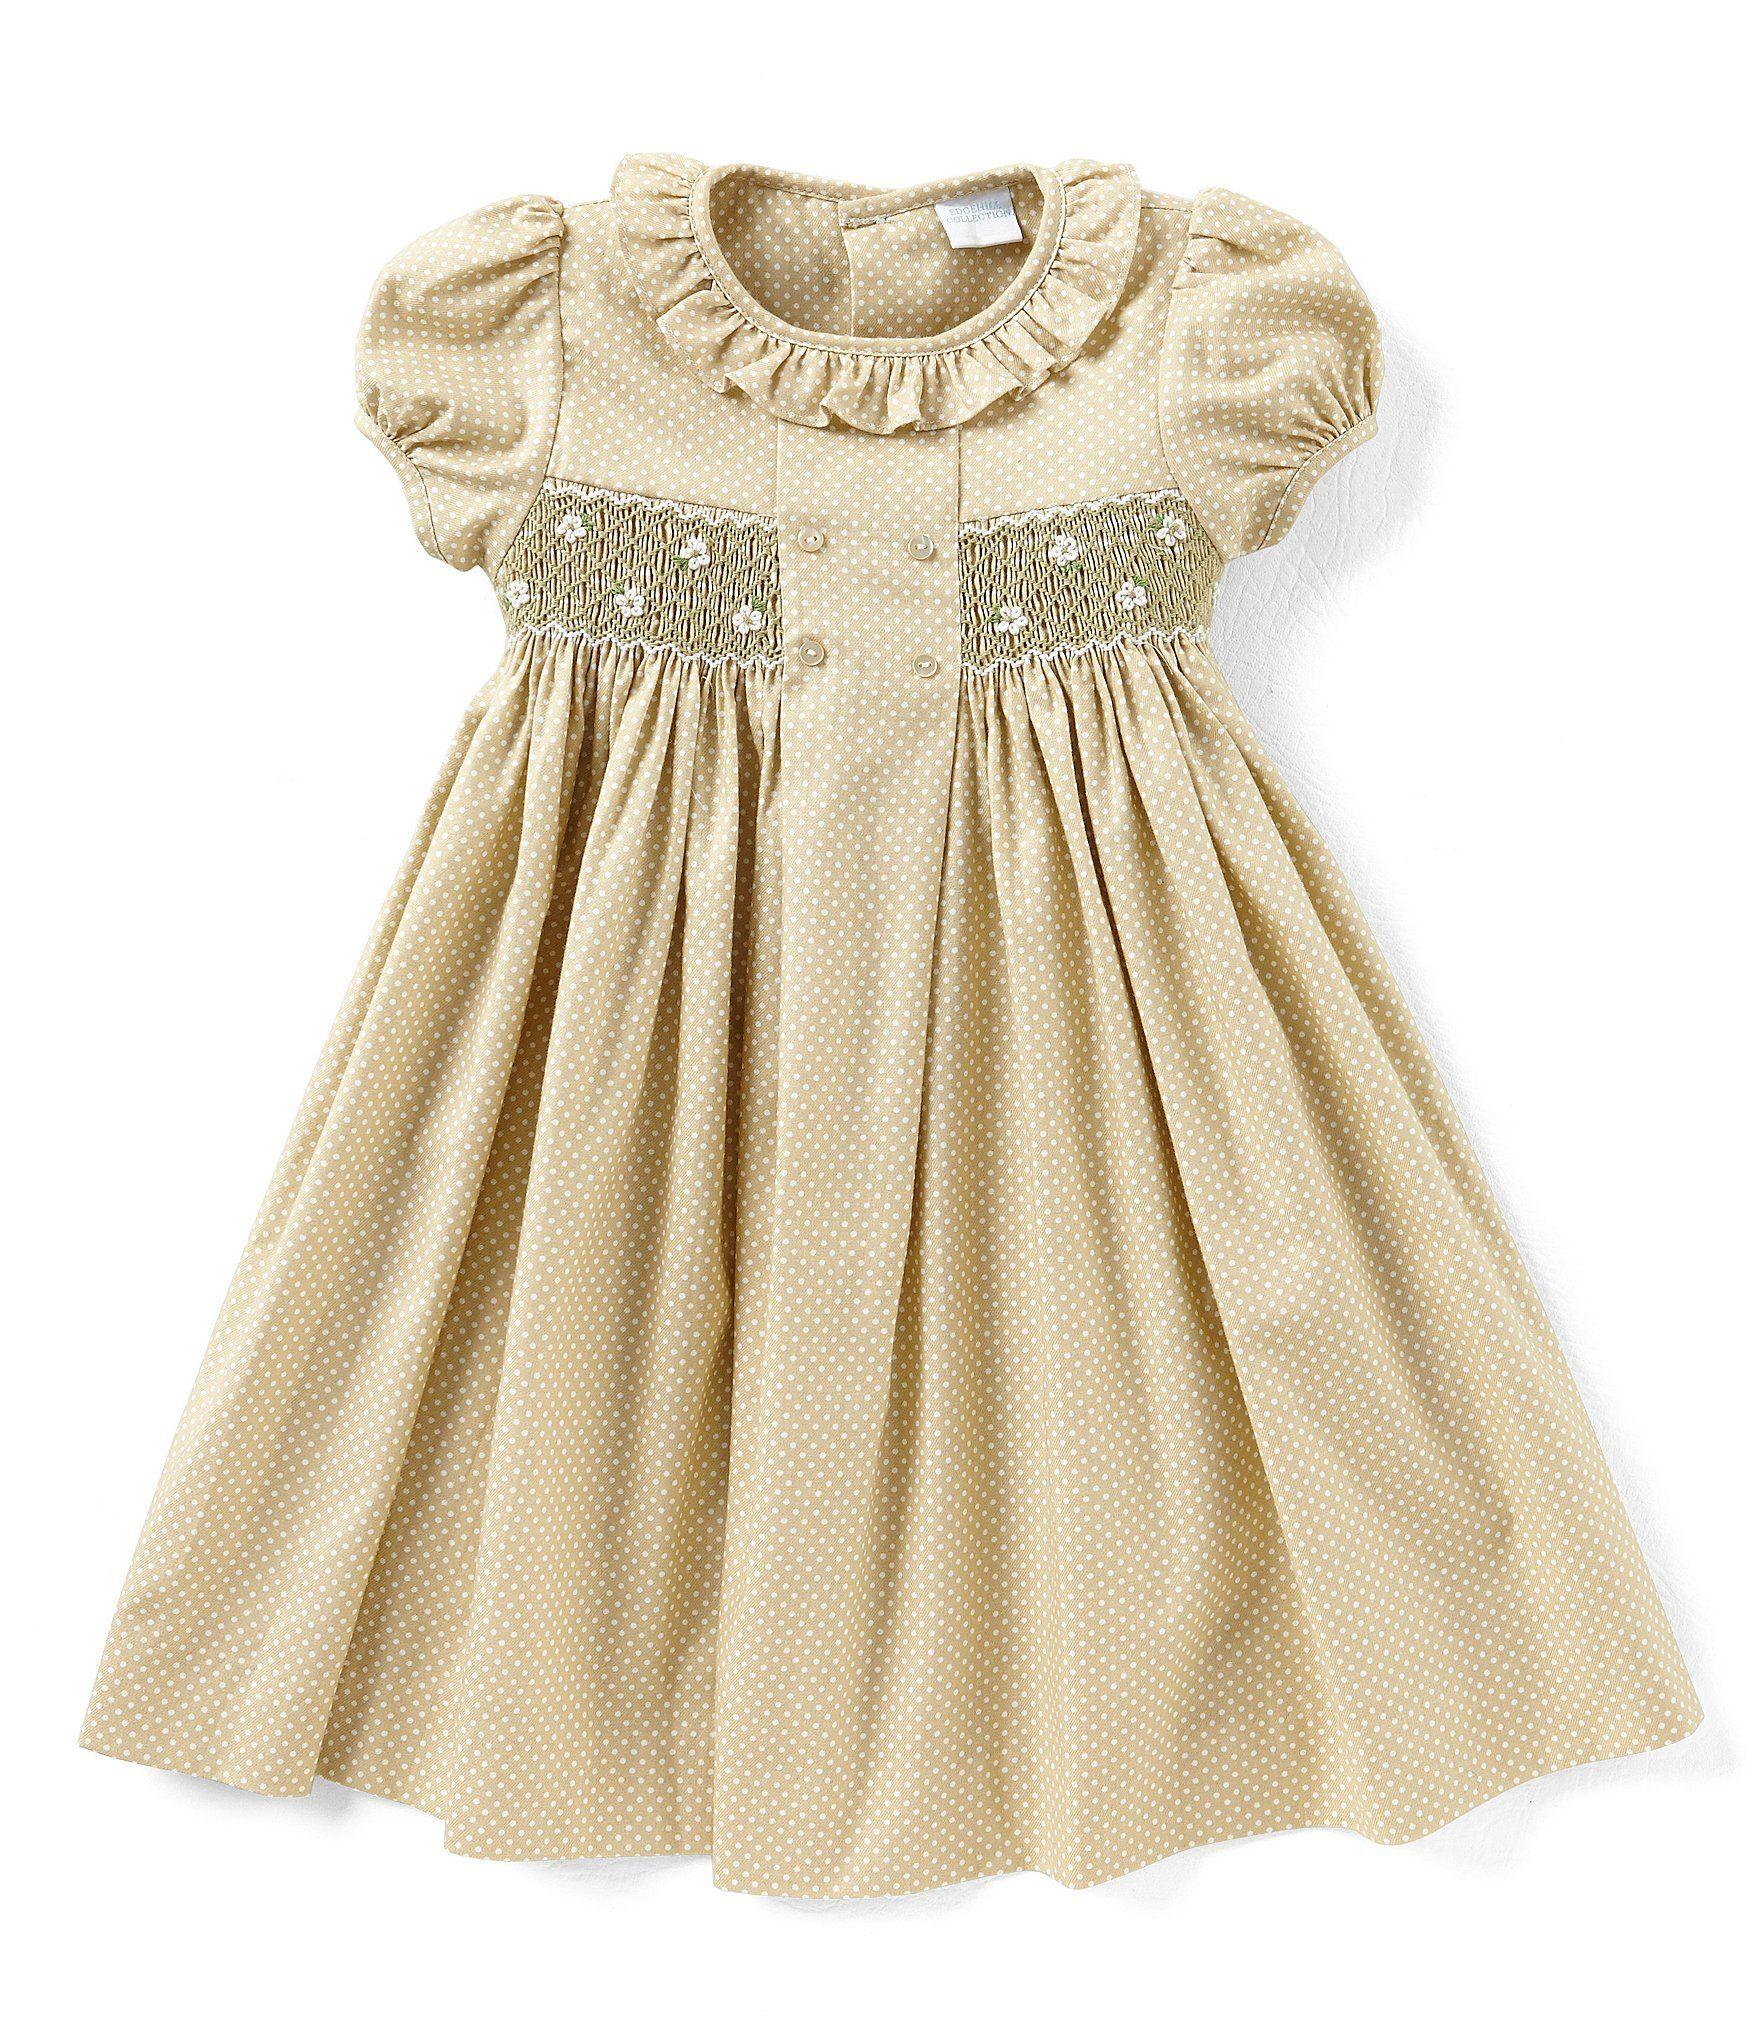 fb6df95da18 Edgehill Collection Little Girls 2T4T MiniDot Smocked Dress  Dillards